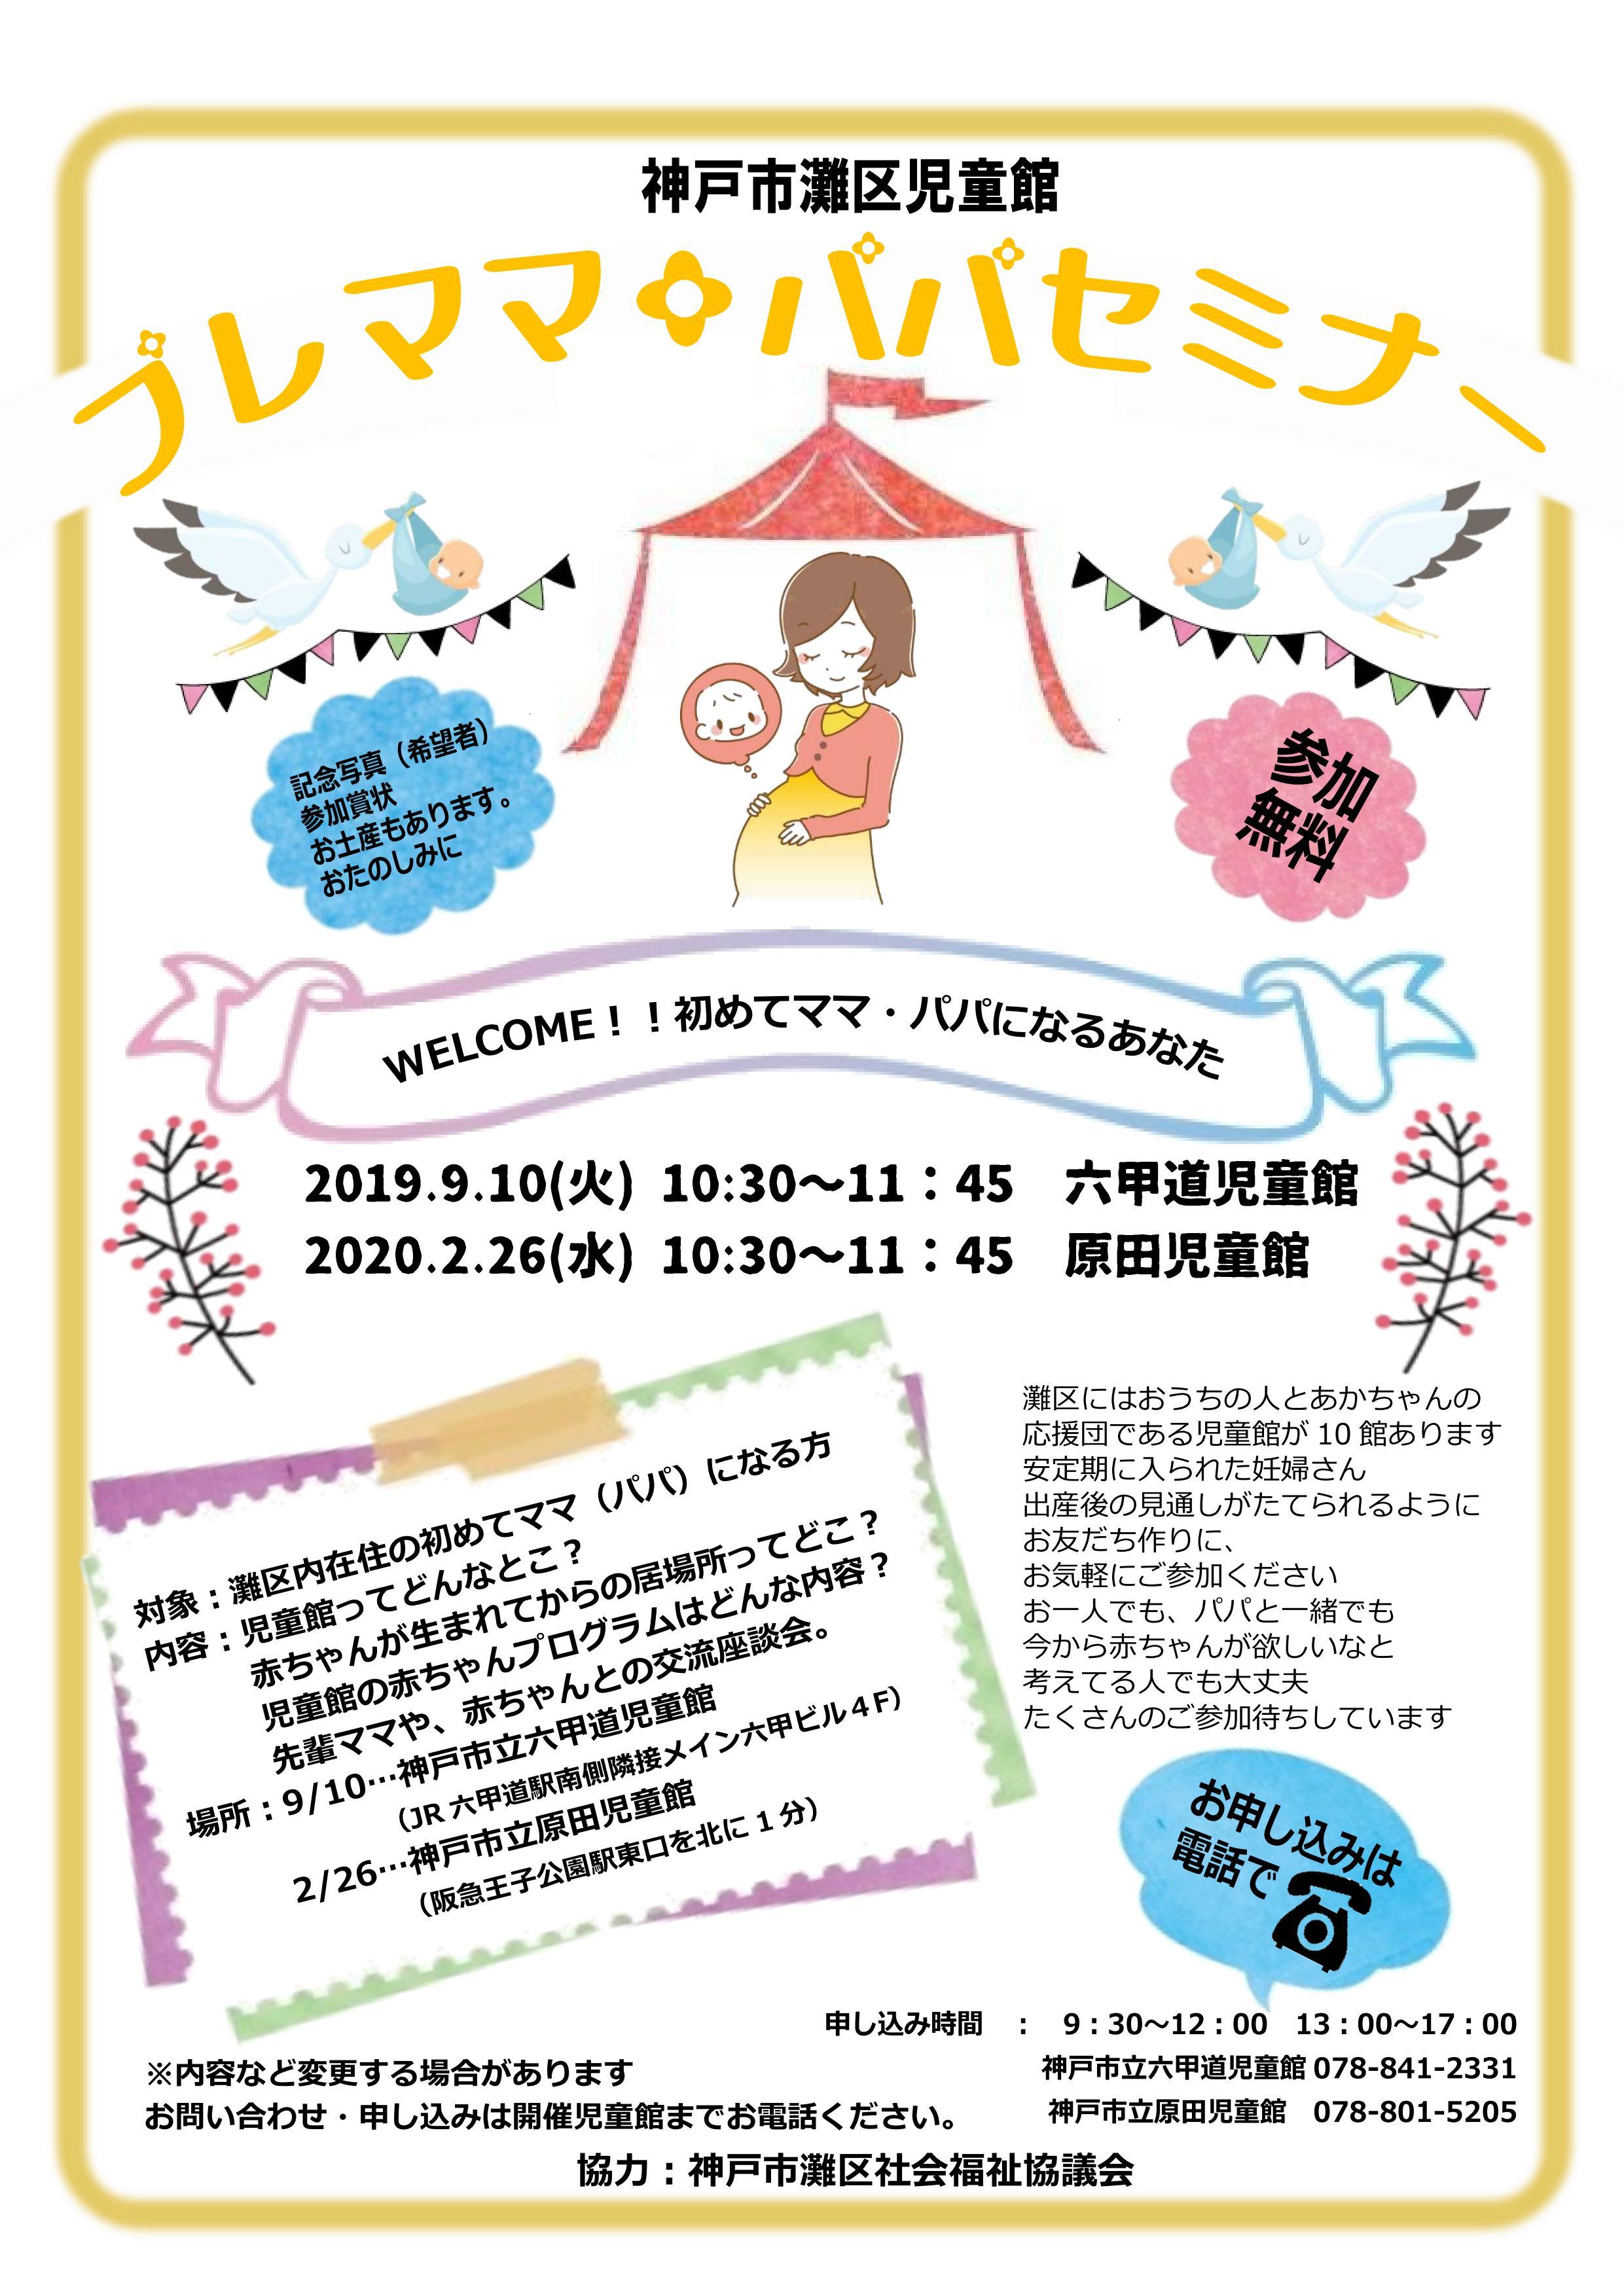 神戸市灘区児童館「プレママ・パパセミナー」